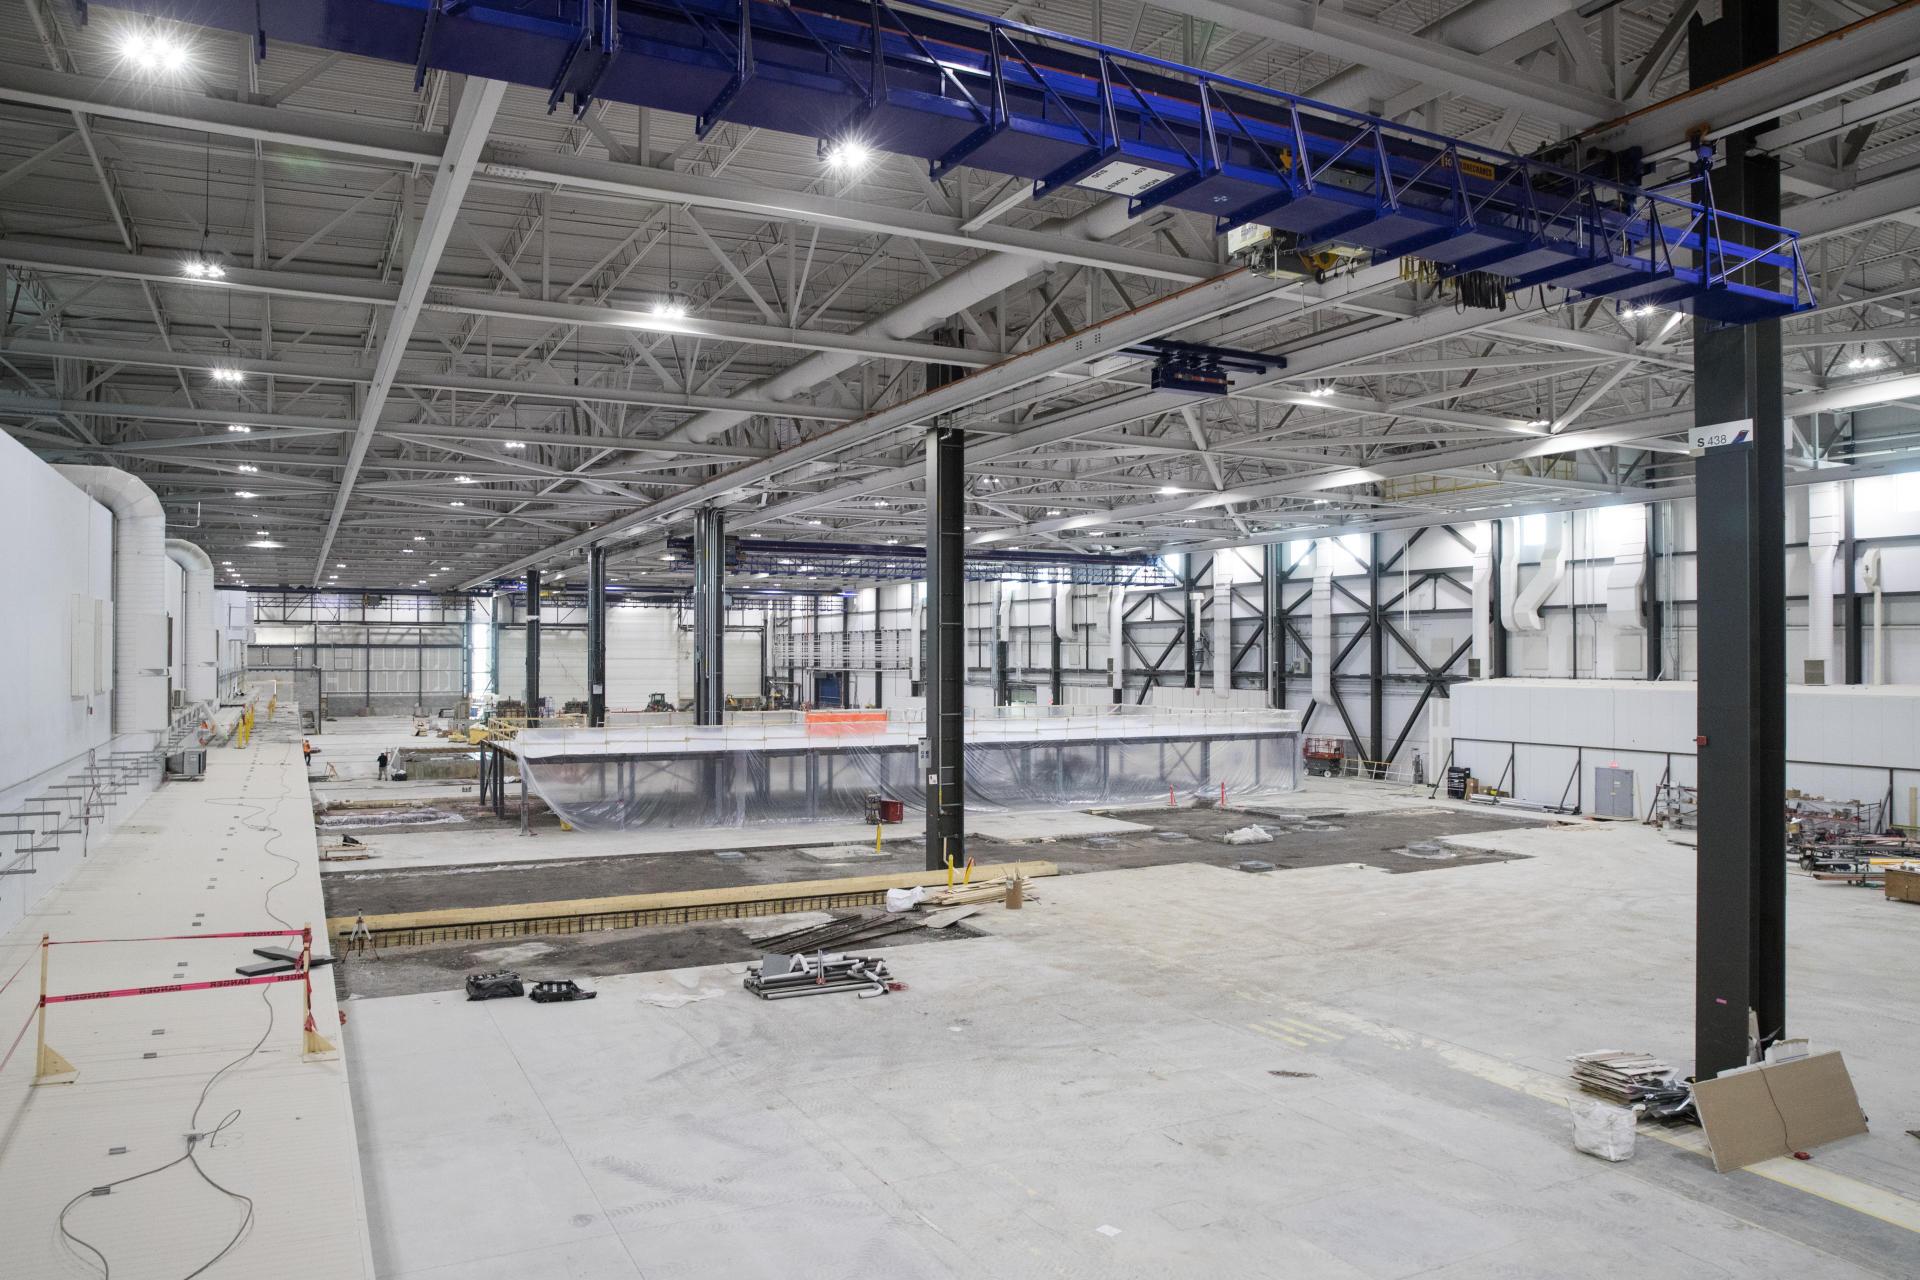 Le hangar,de plus de 1hectare, abritant la future ligne de préassemblage d'Airbus à Mirabel, le 8 avril 2021.